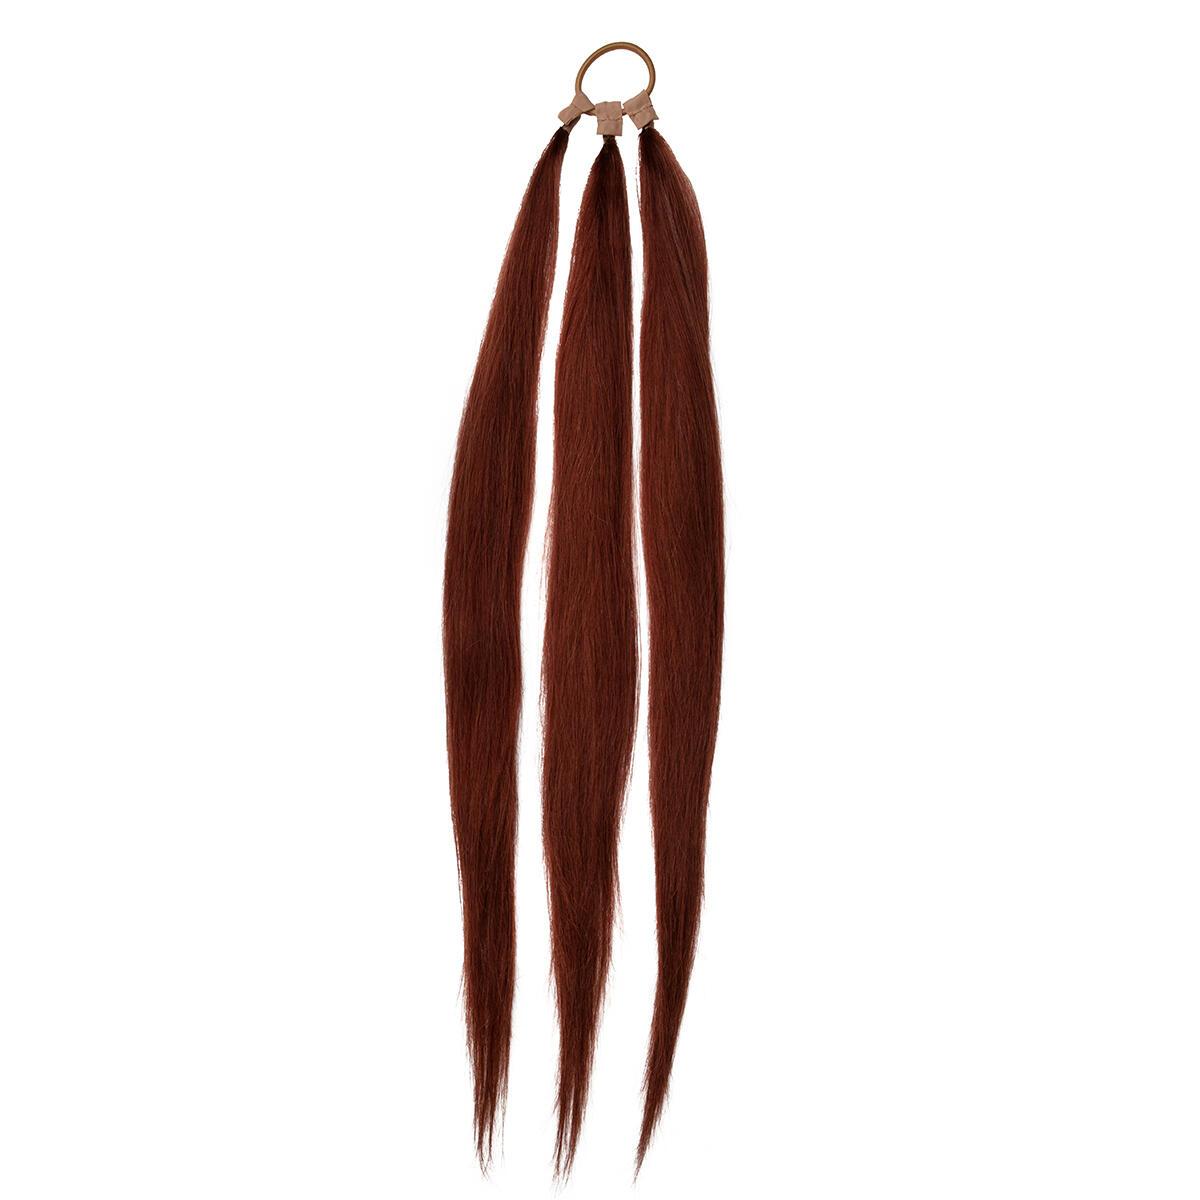 Easy Braid Original 5.5 Mahogany Brown 55 cm